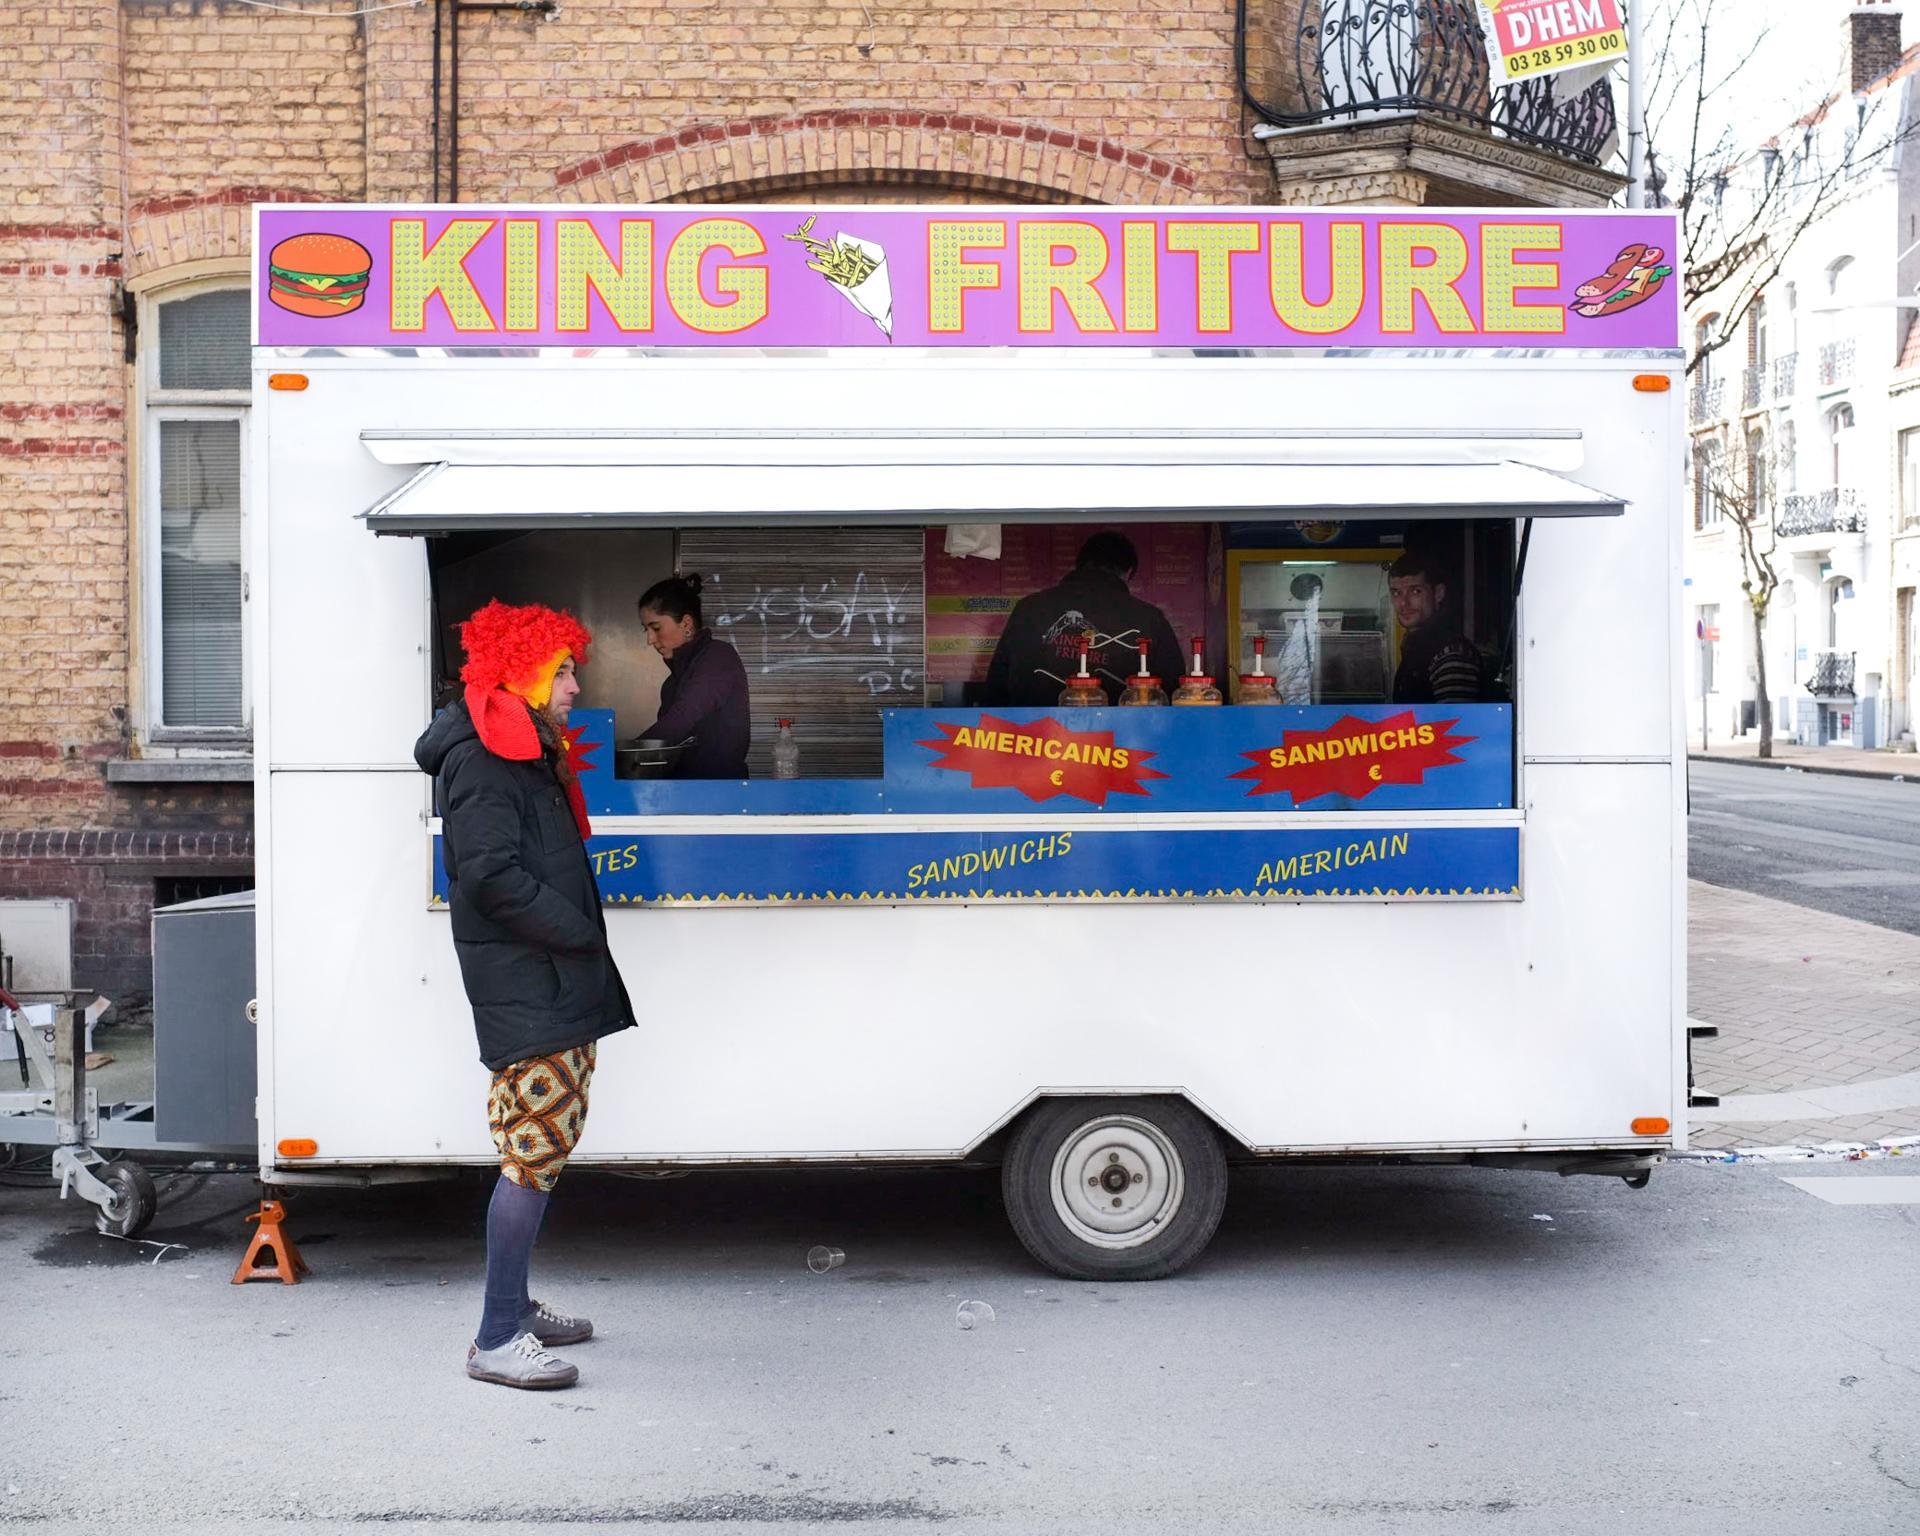 King Friture